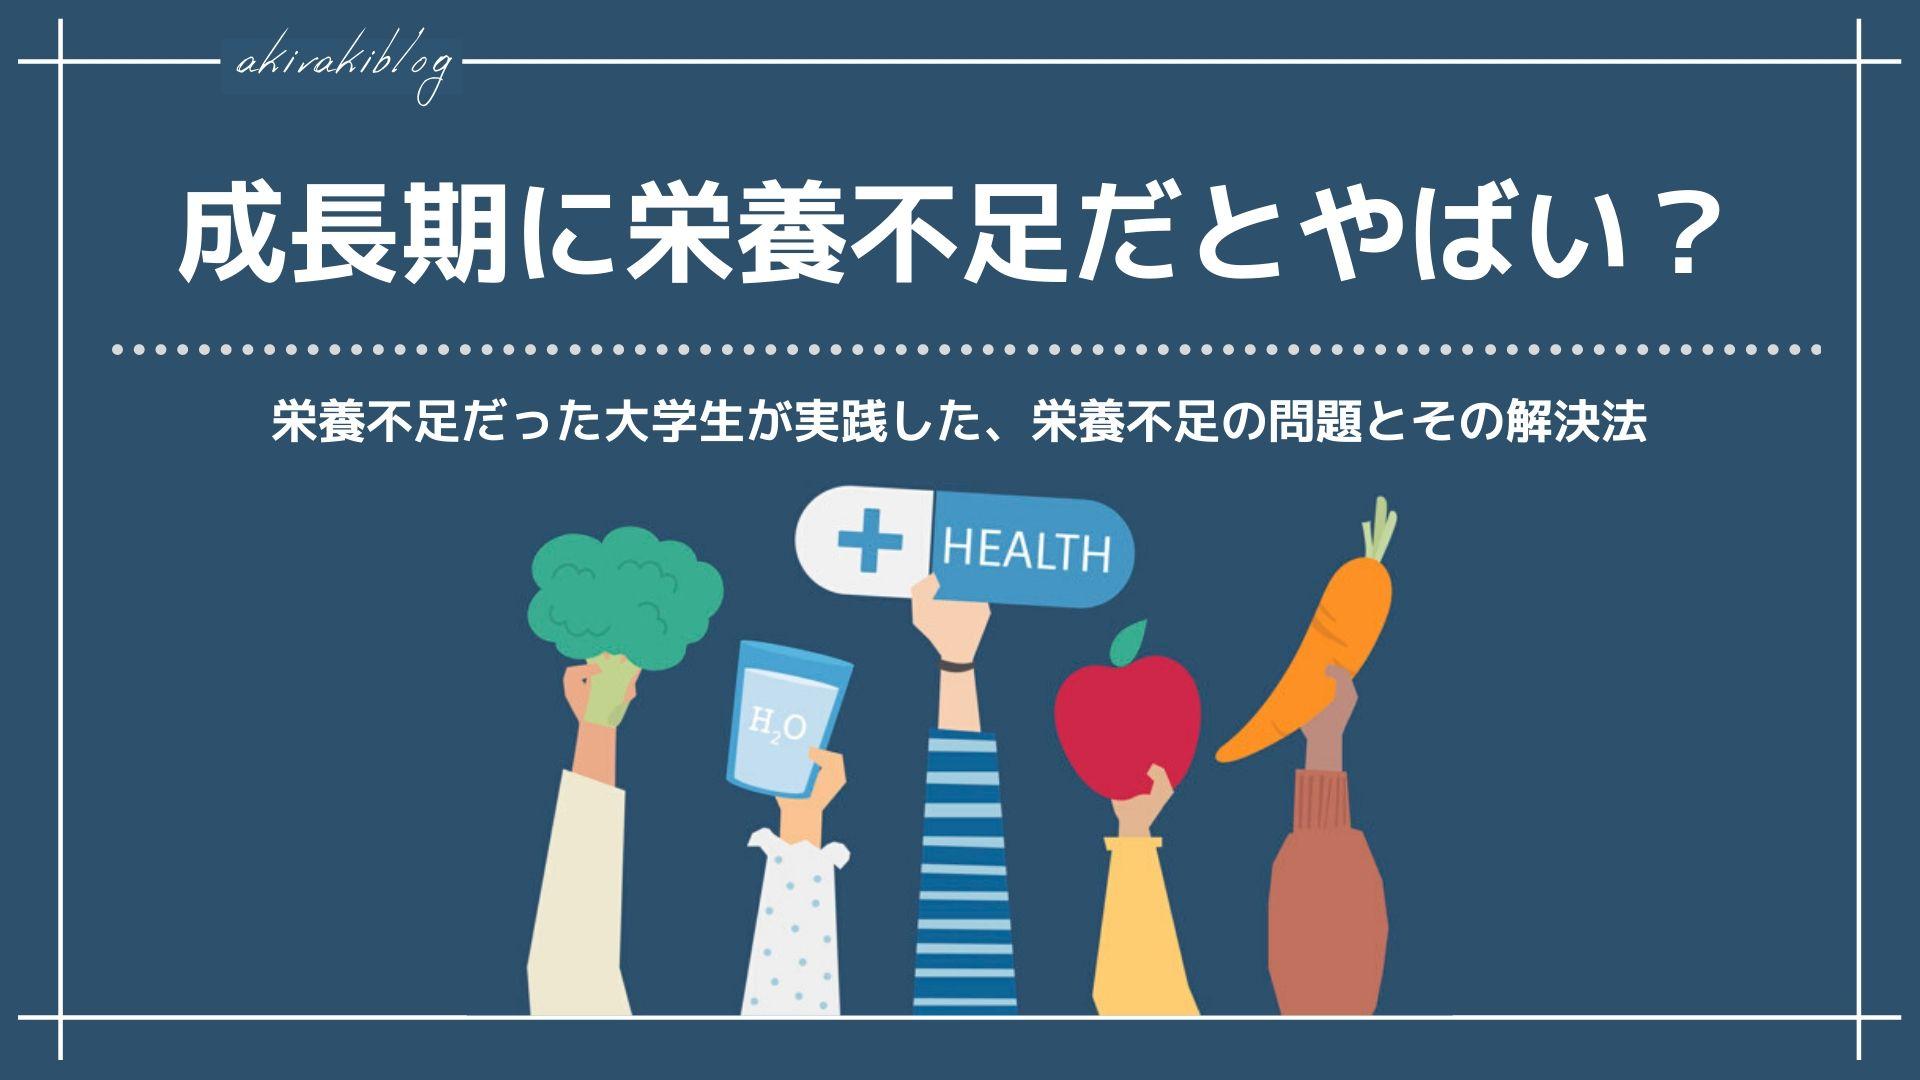 大学生の栄養不足の問題